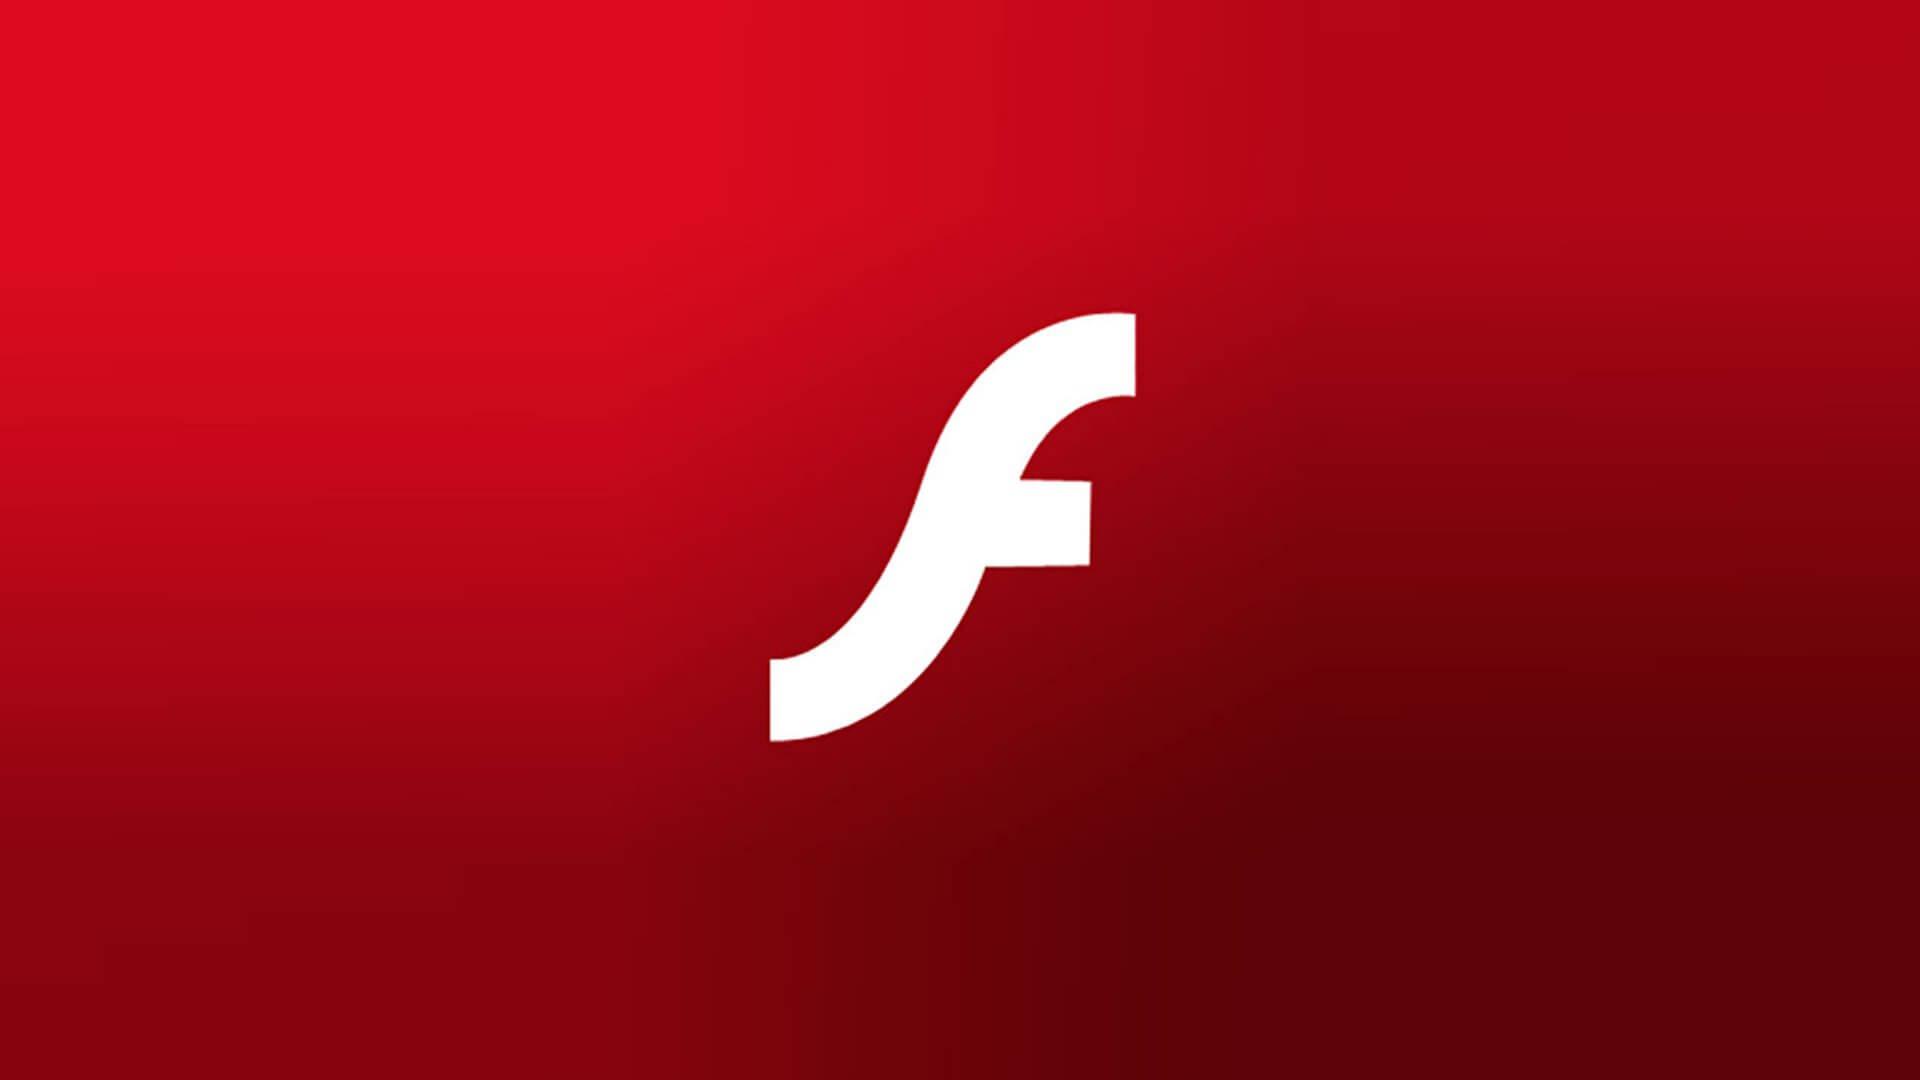 Названа точная дата «смерти» Flash Player